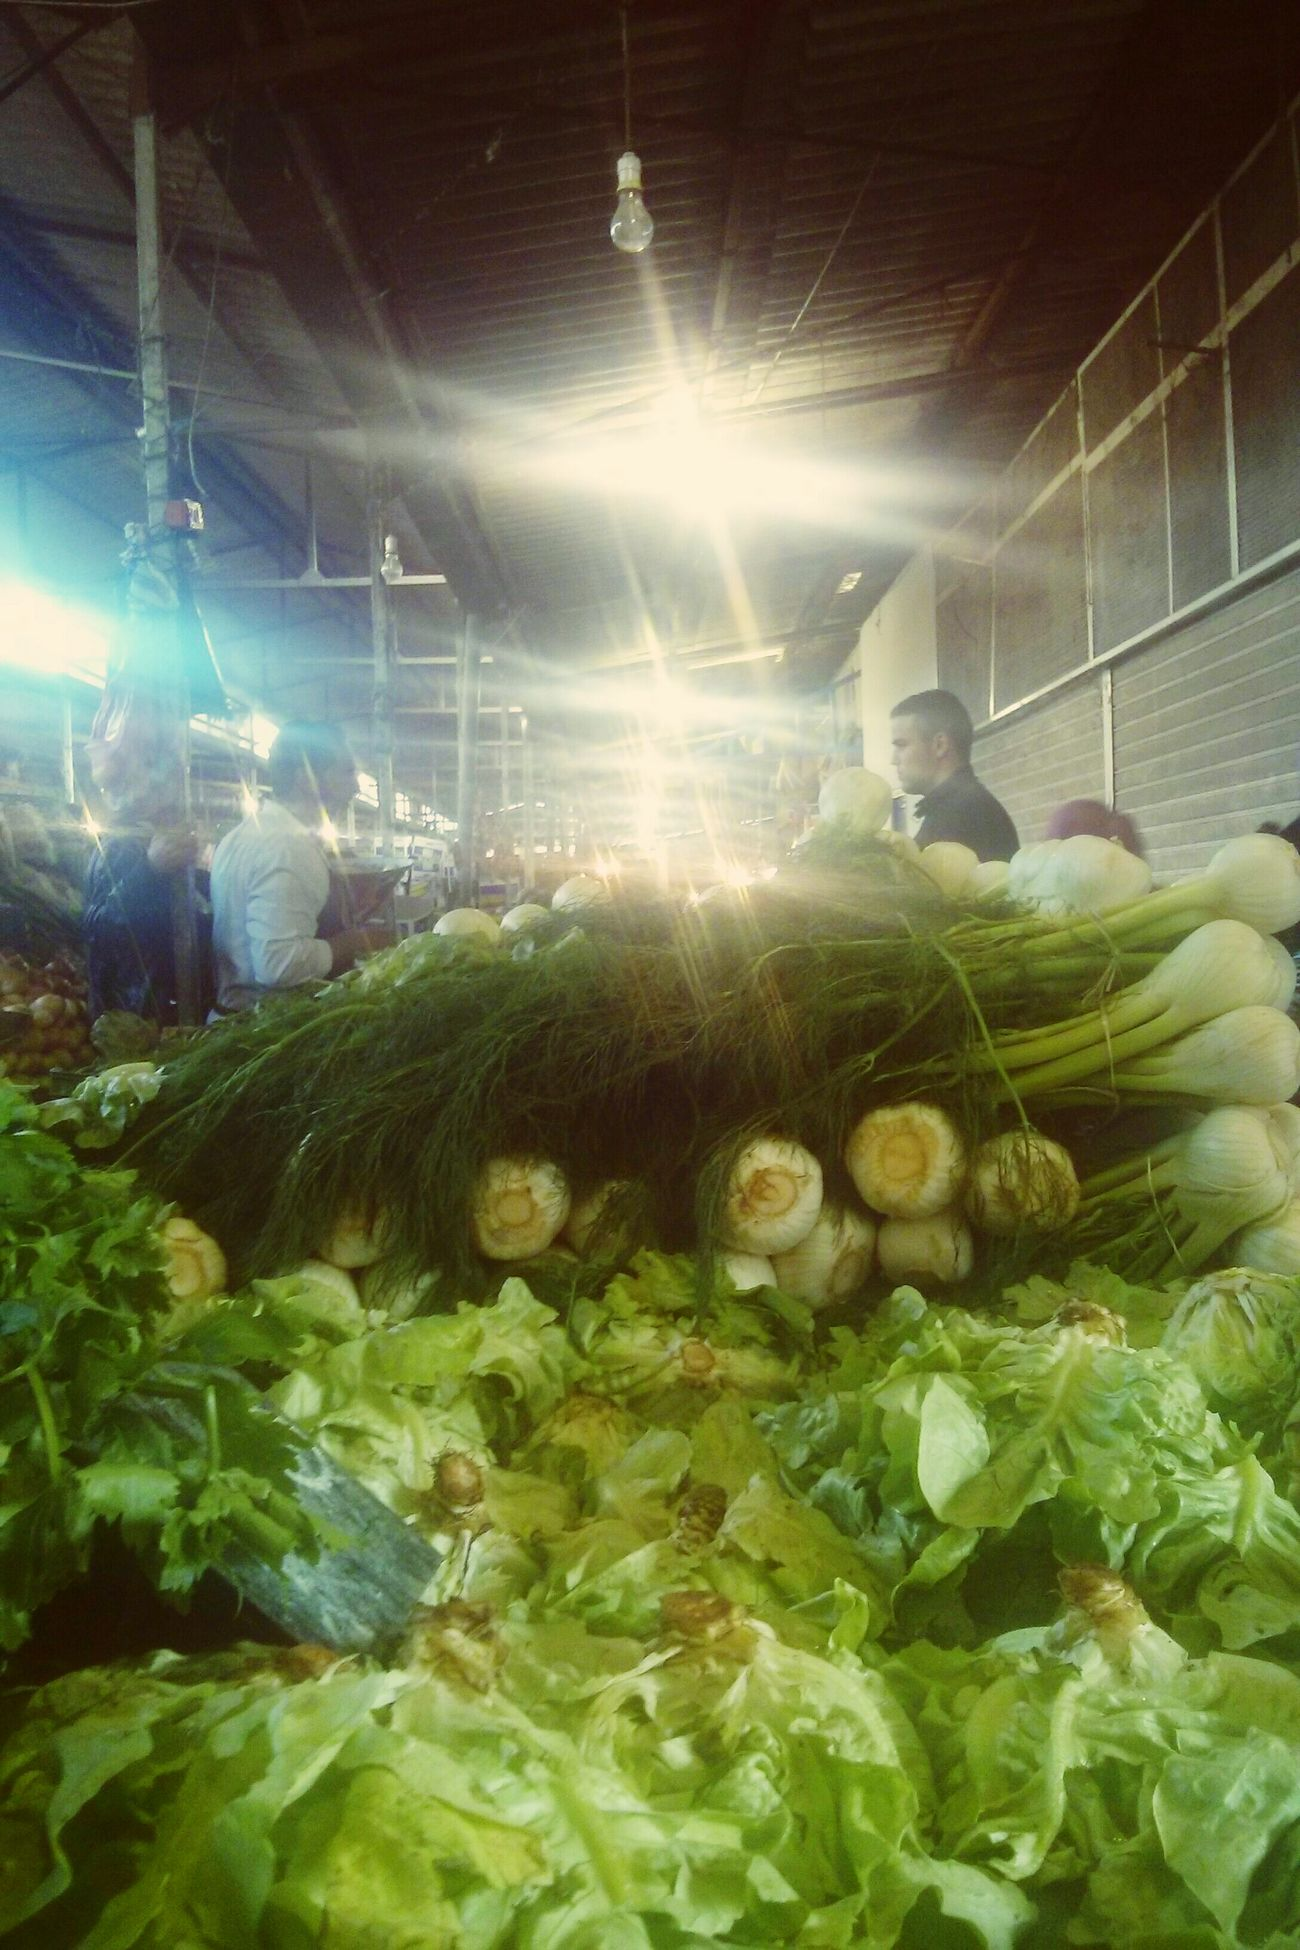 Overwhelmed, Shopping, Vegetables, Vegetarian, Vegetarian Food, Vegetable, Vegetarisch, Vegetables & Fruits, A Vegetable